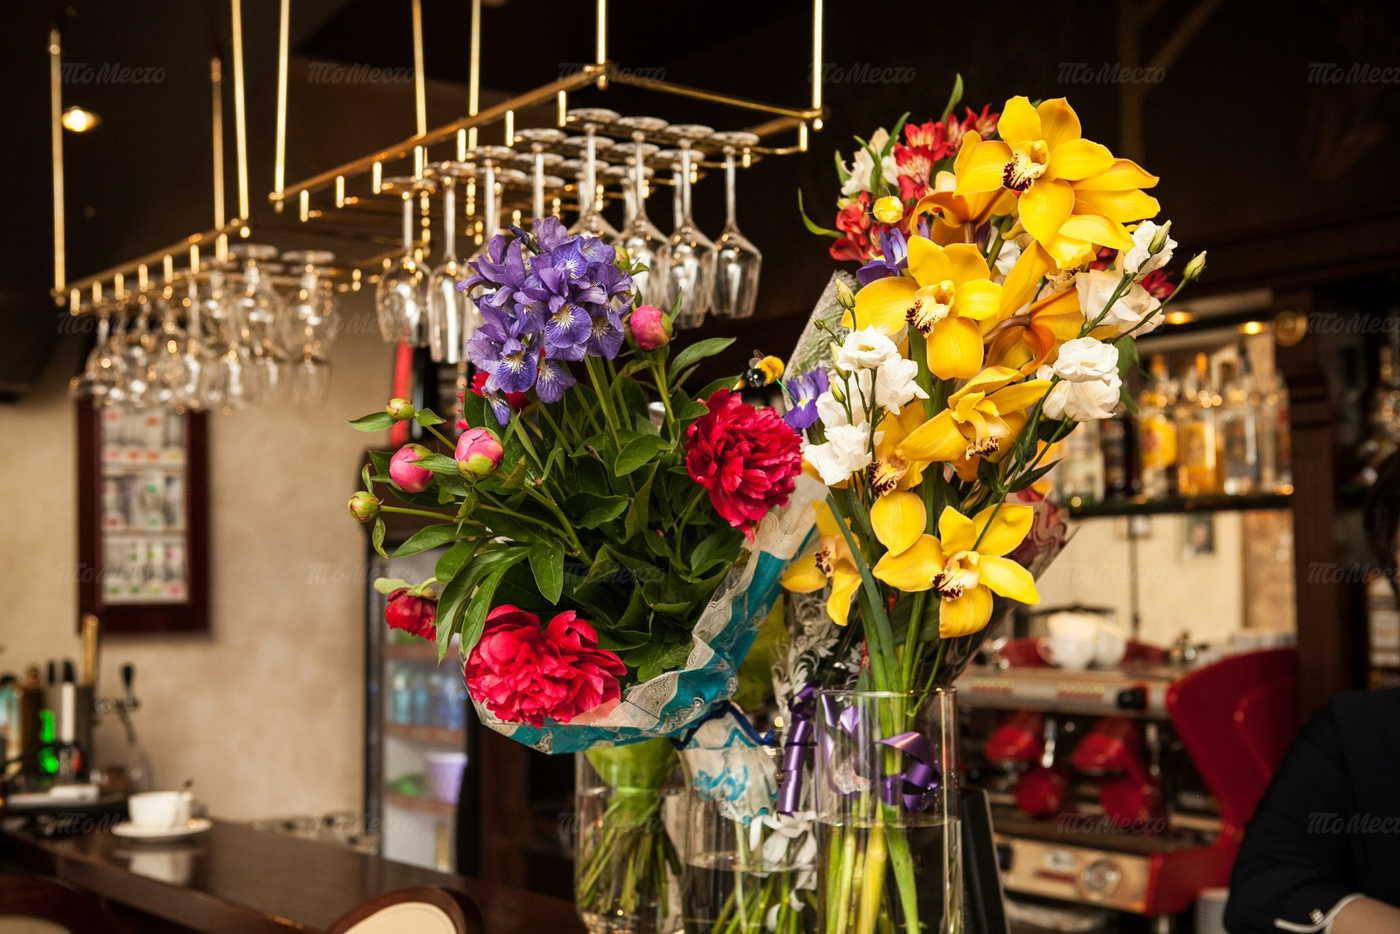 Меню кафе, ресторана Поместье на Оранжерейной улице